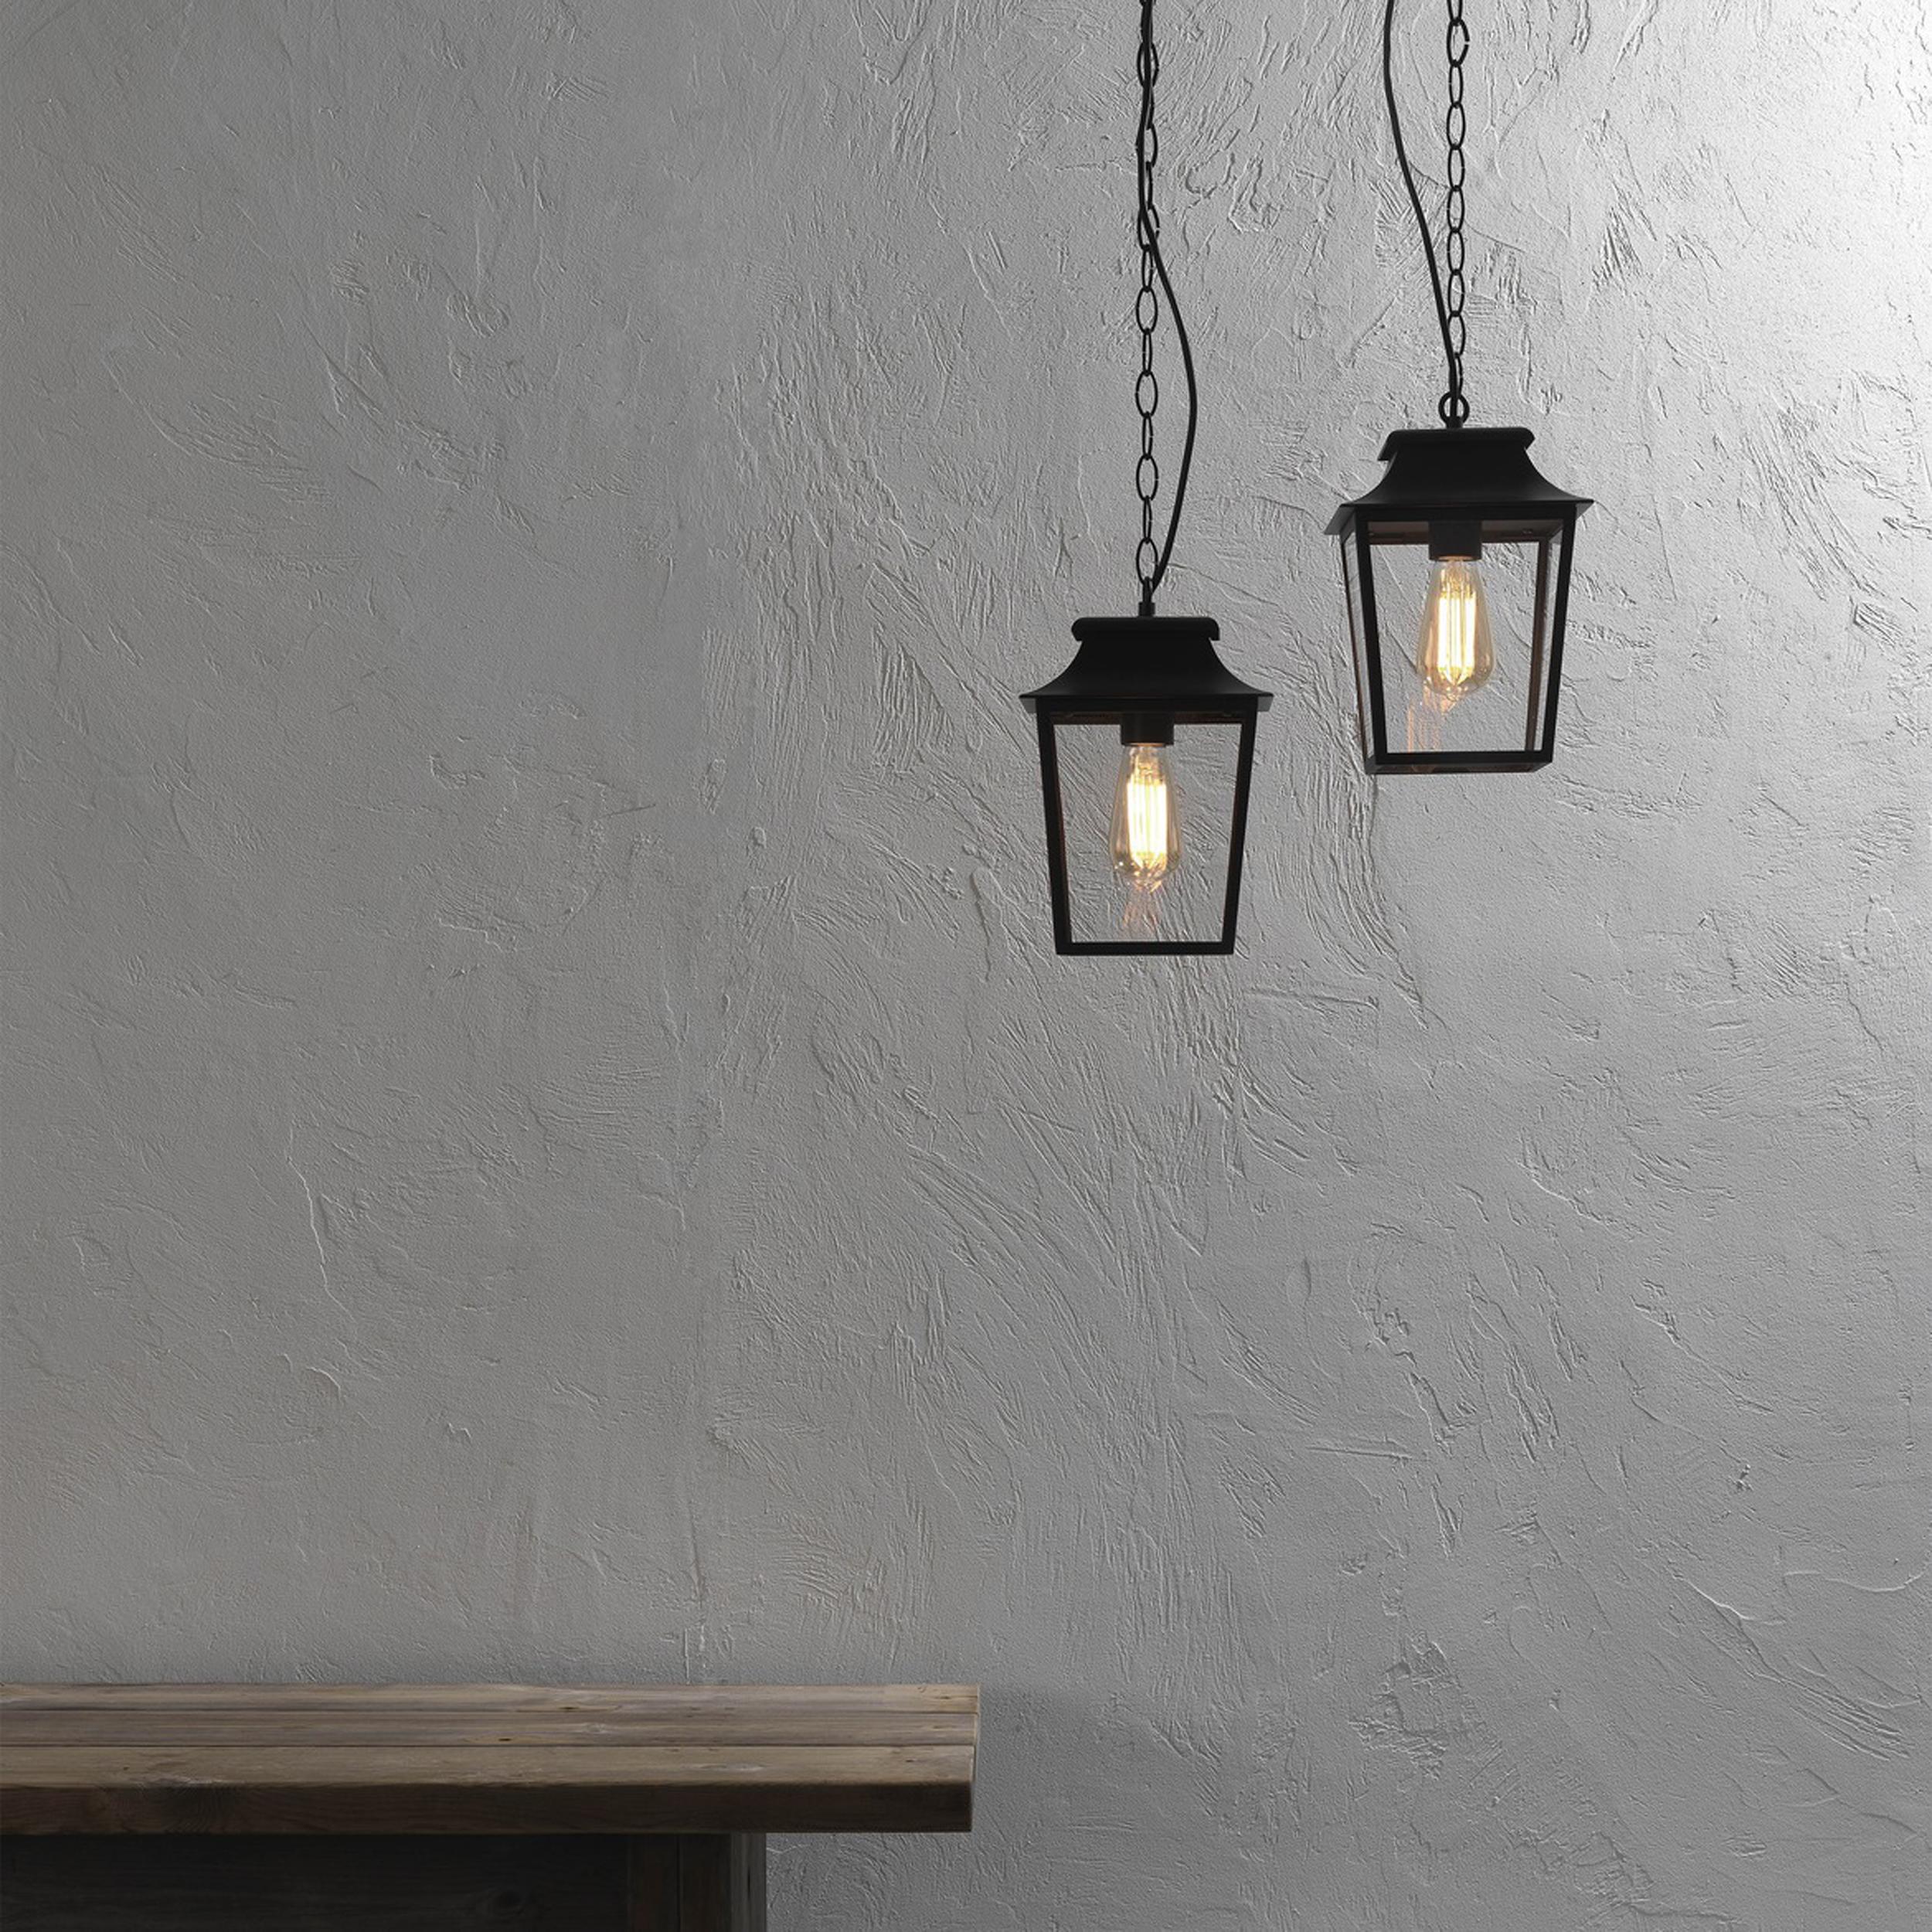 Buy The Richmond Pendant Light